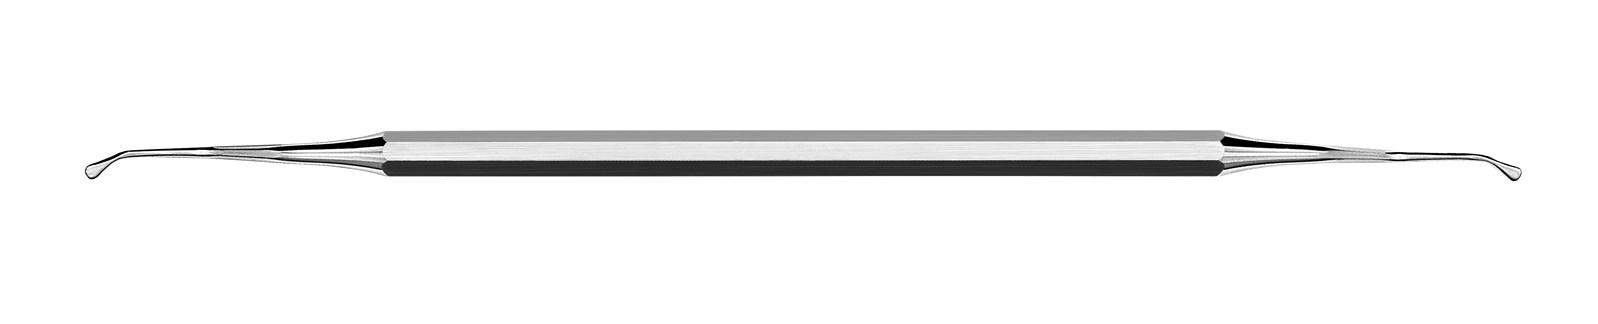 Nůž pro tunelovou techniku - TKP, ADEP fialový